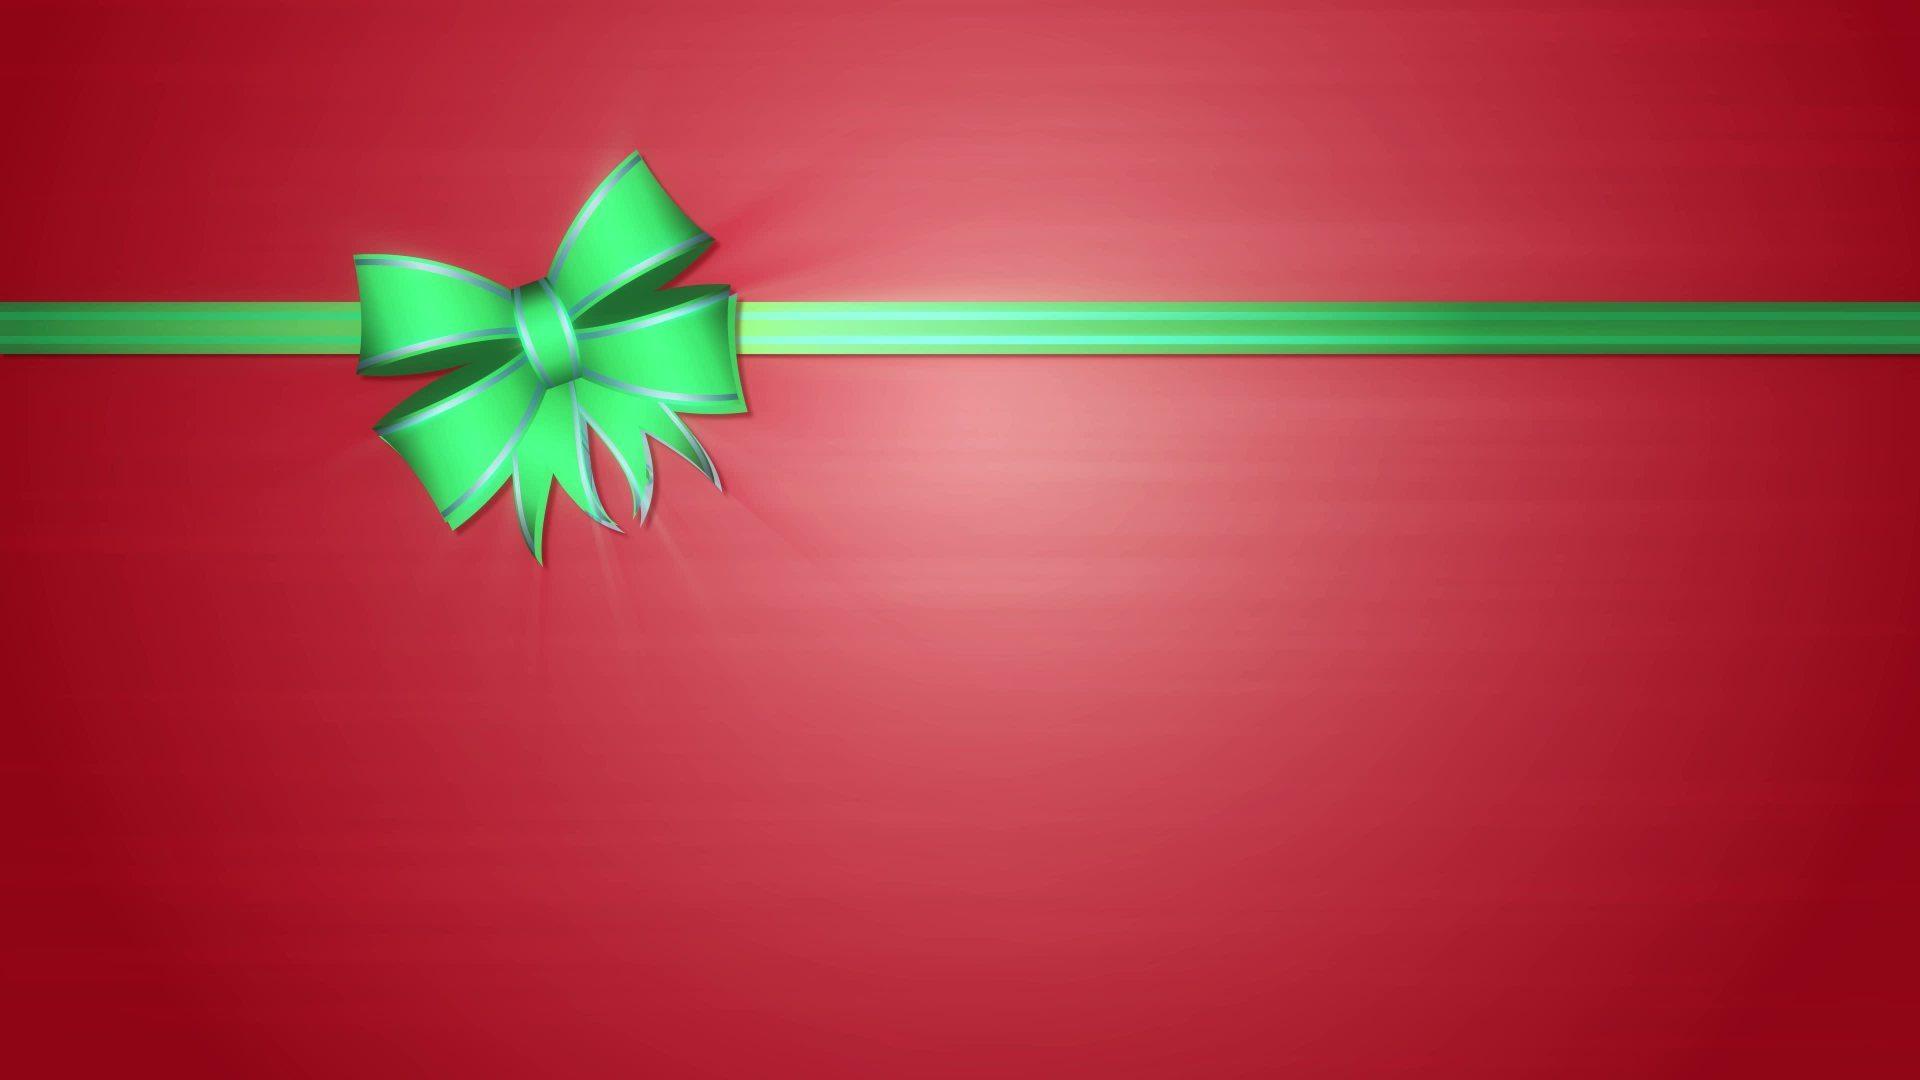 Navidad Presente Movimiento Fondo 4k Clips Y Videos Hd De